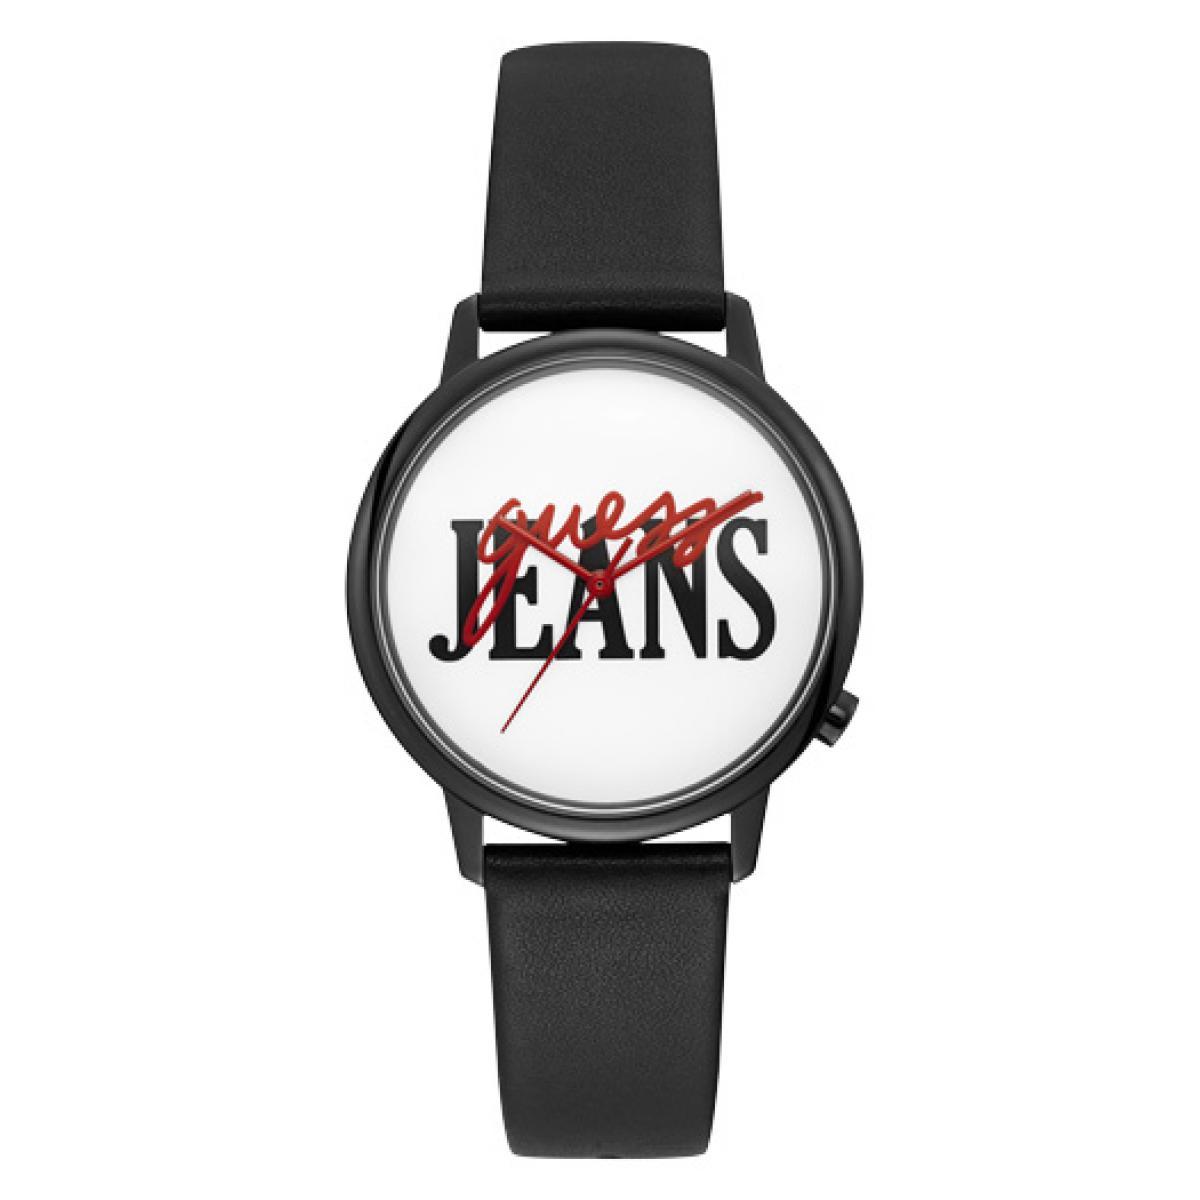 Montre Guess V1022M2 Montre Bracelet Cuir Noir Logo Guess Rouge et Noir Homme,Femme Plus d'infos